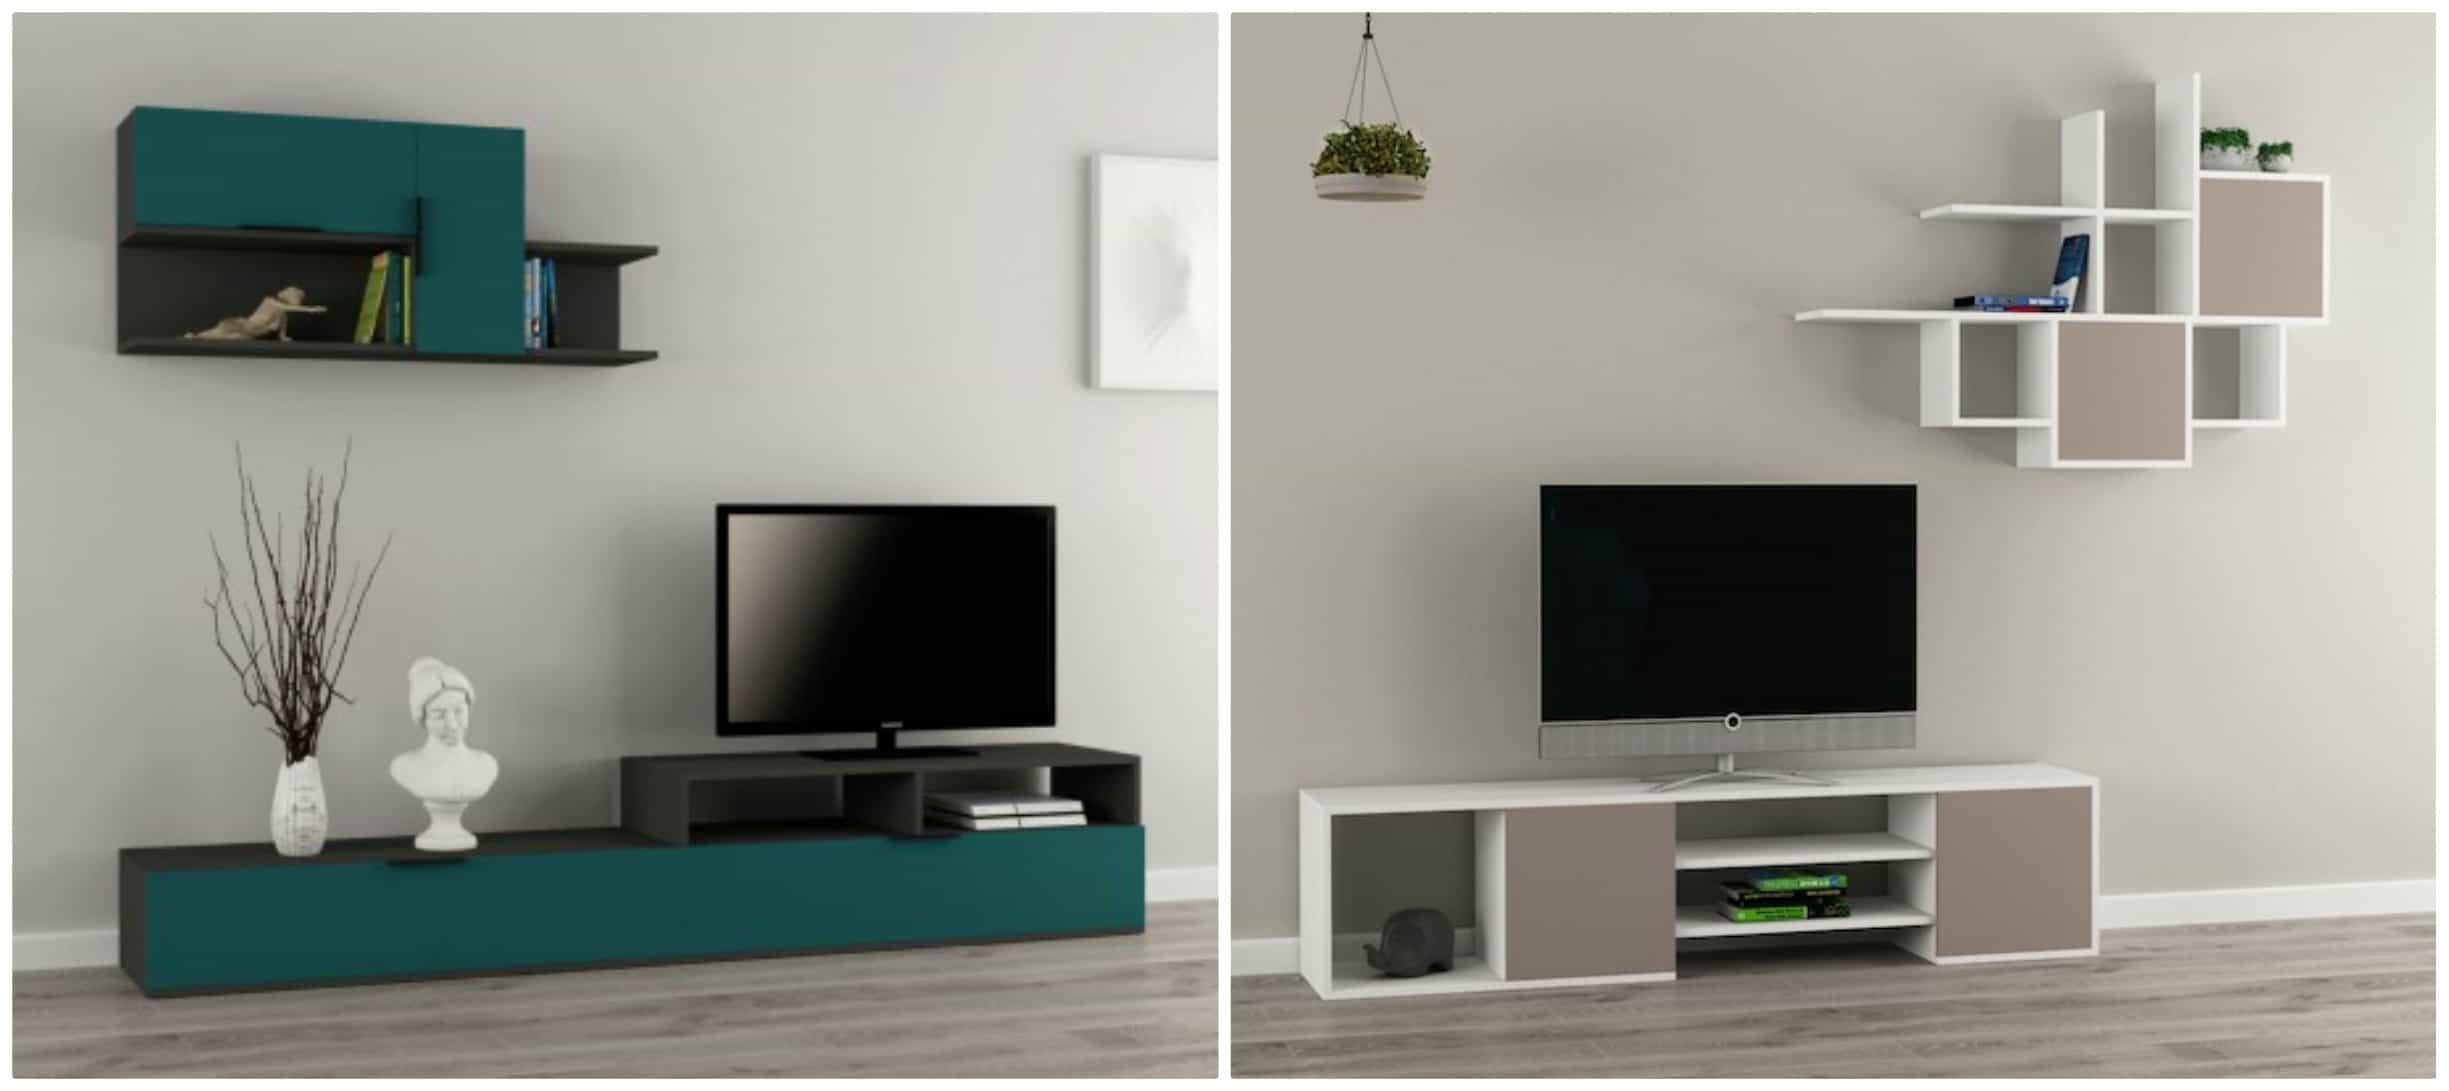 Soluzioni Porta Tv Originali.Mobili Porta Tv Come Sceglierli Arscity